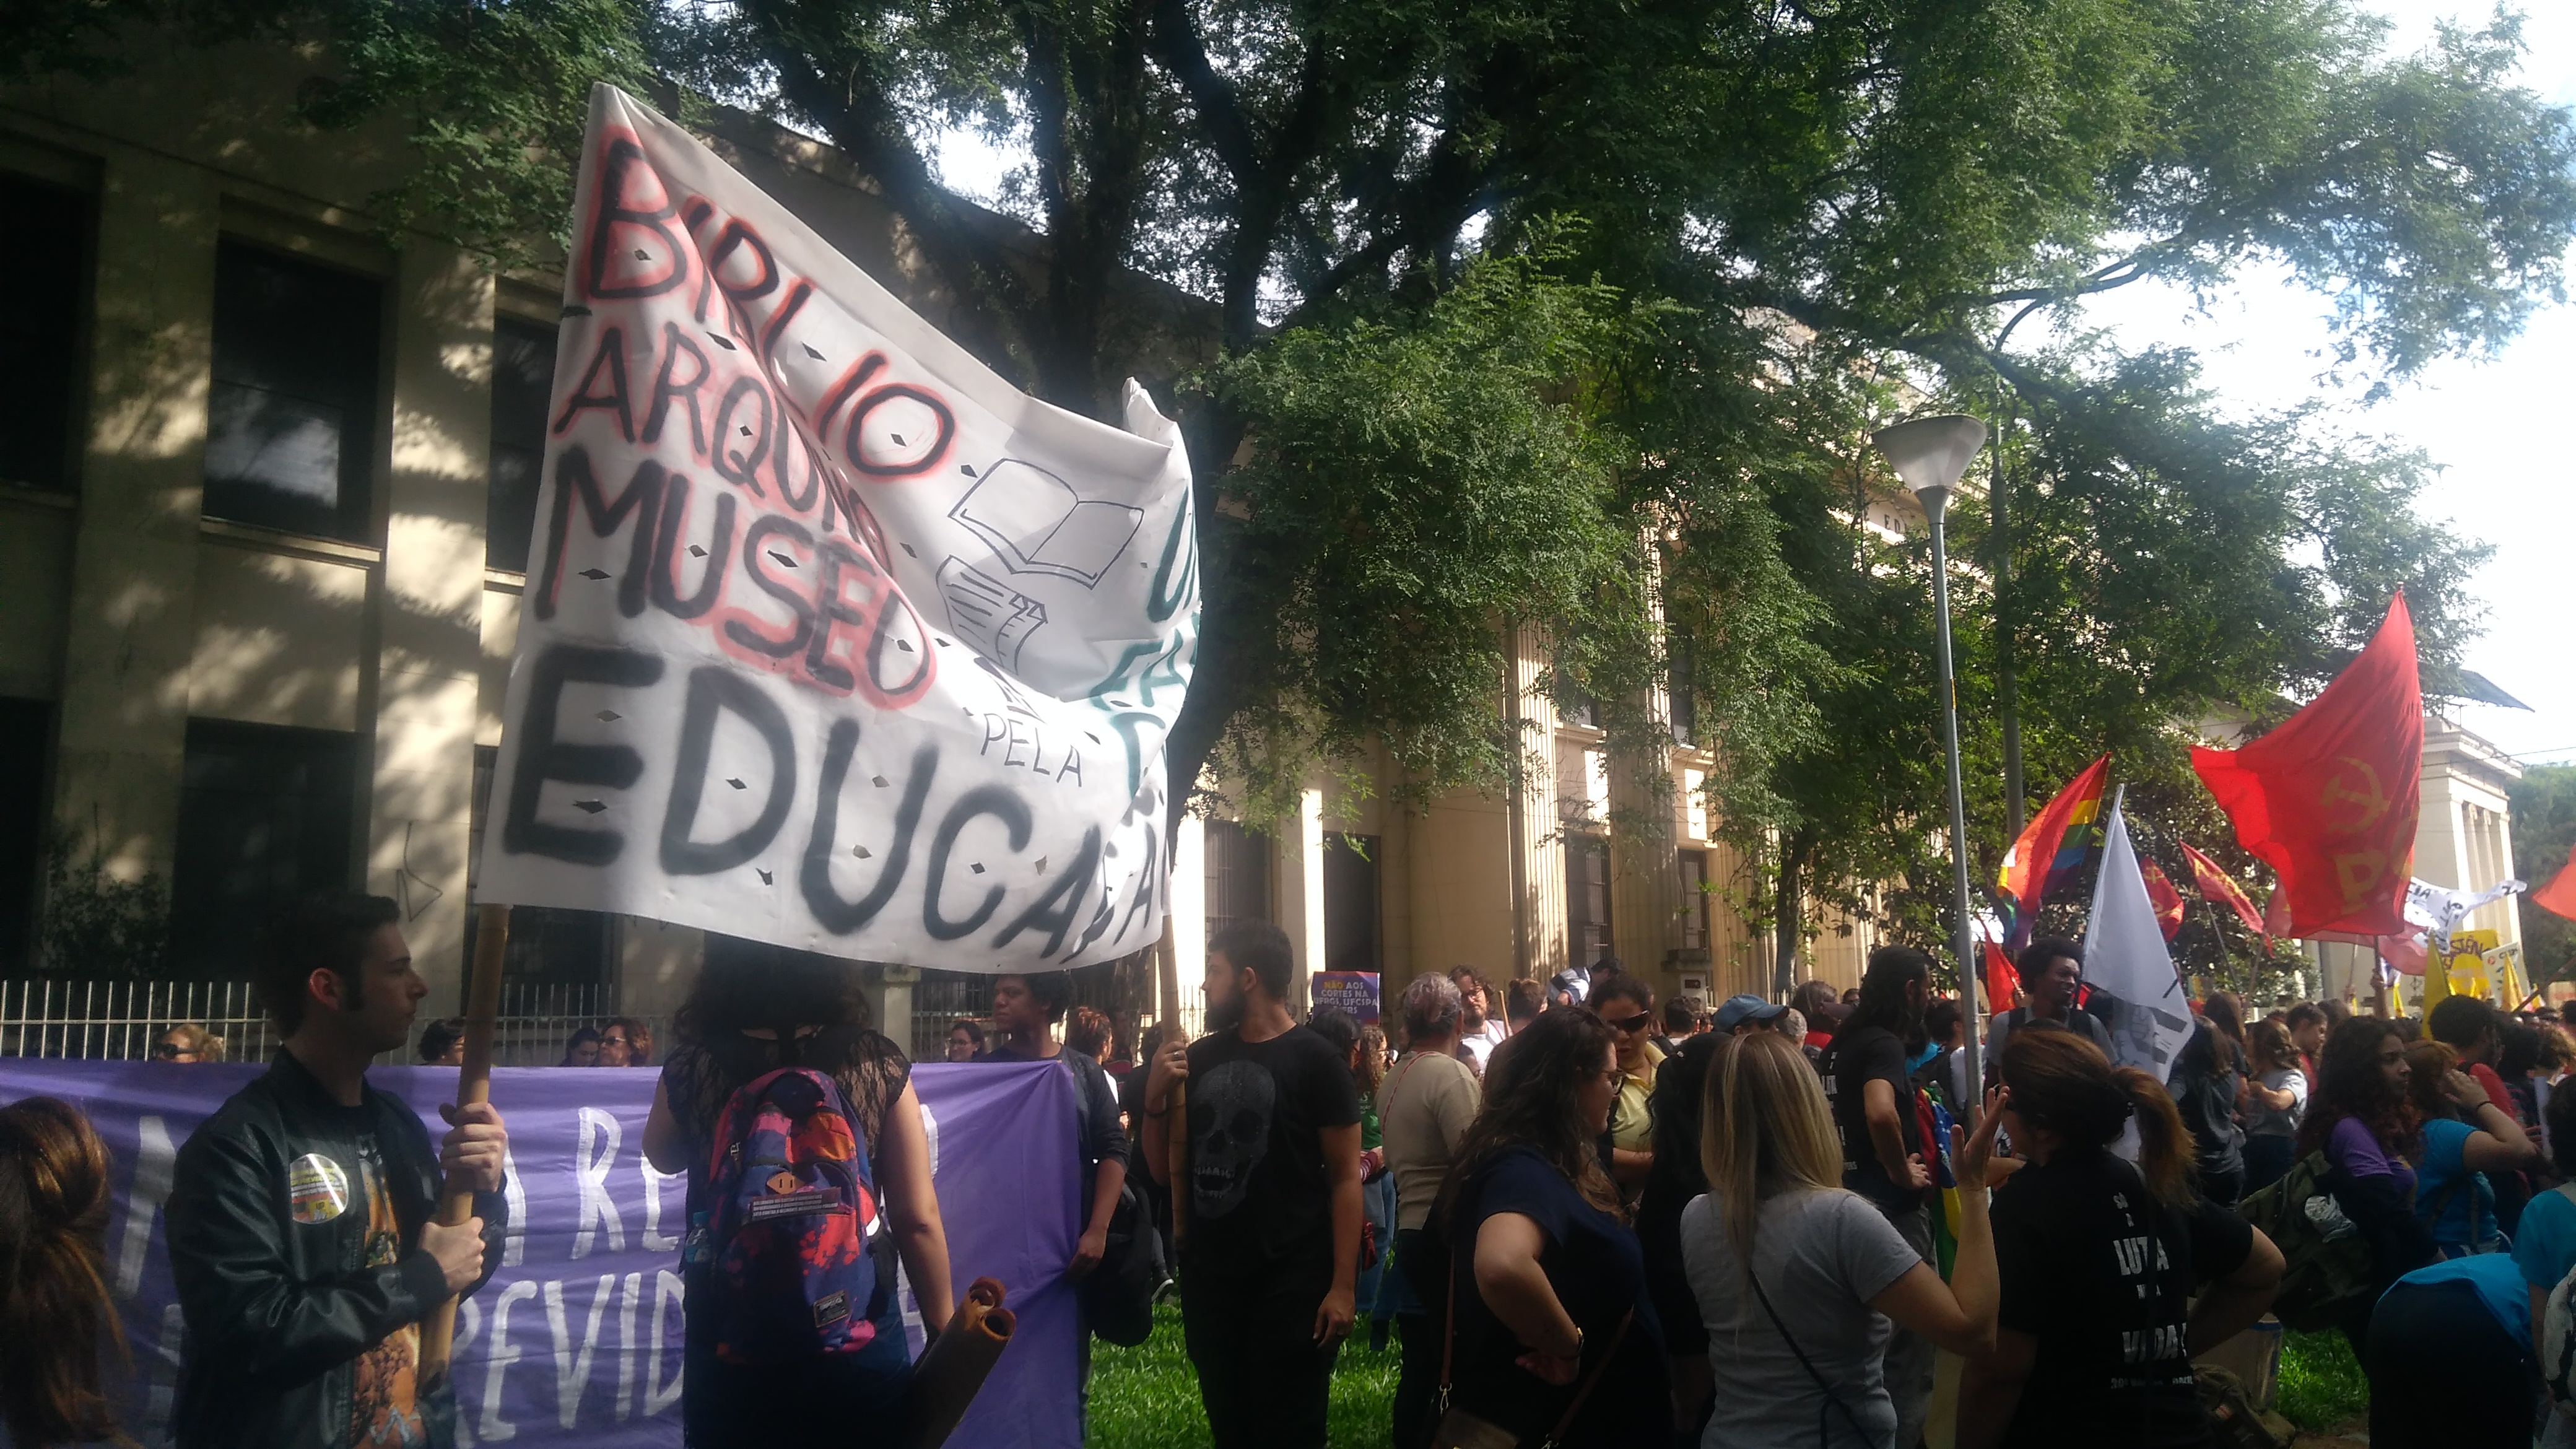 protestos contra o governo educação Bolsonaro poliítica Brasil Paulo Guedes Sergio Moro estudantes professores